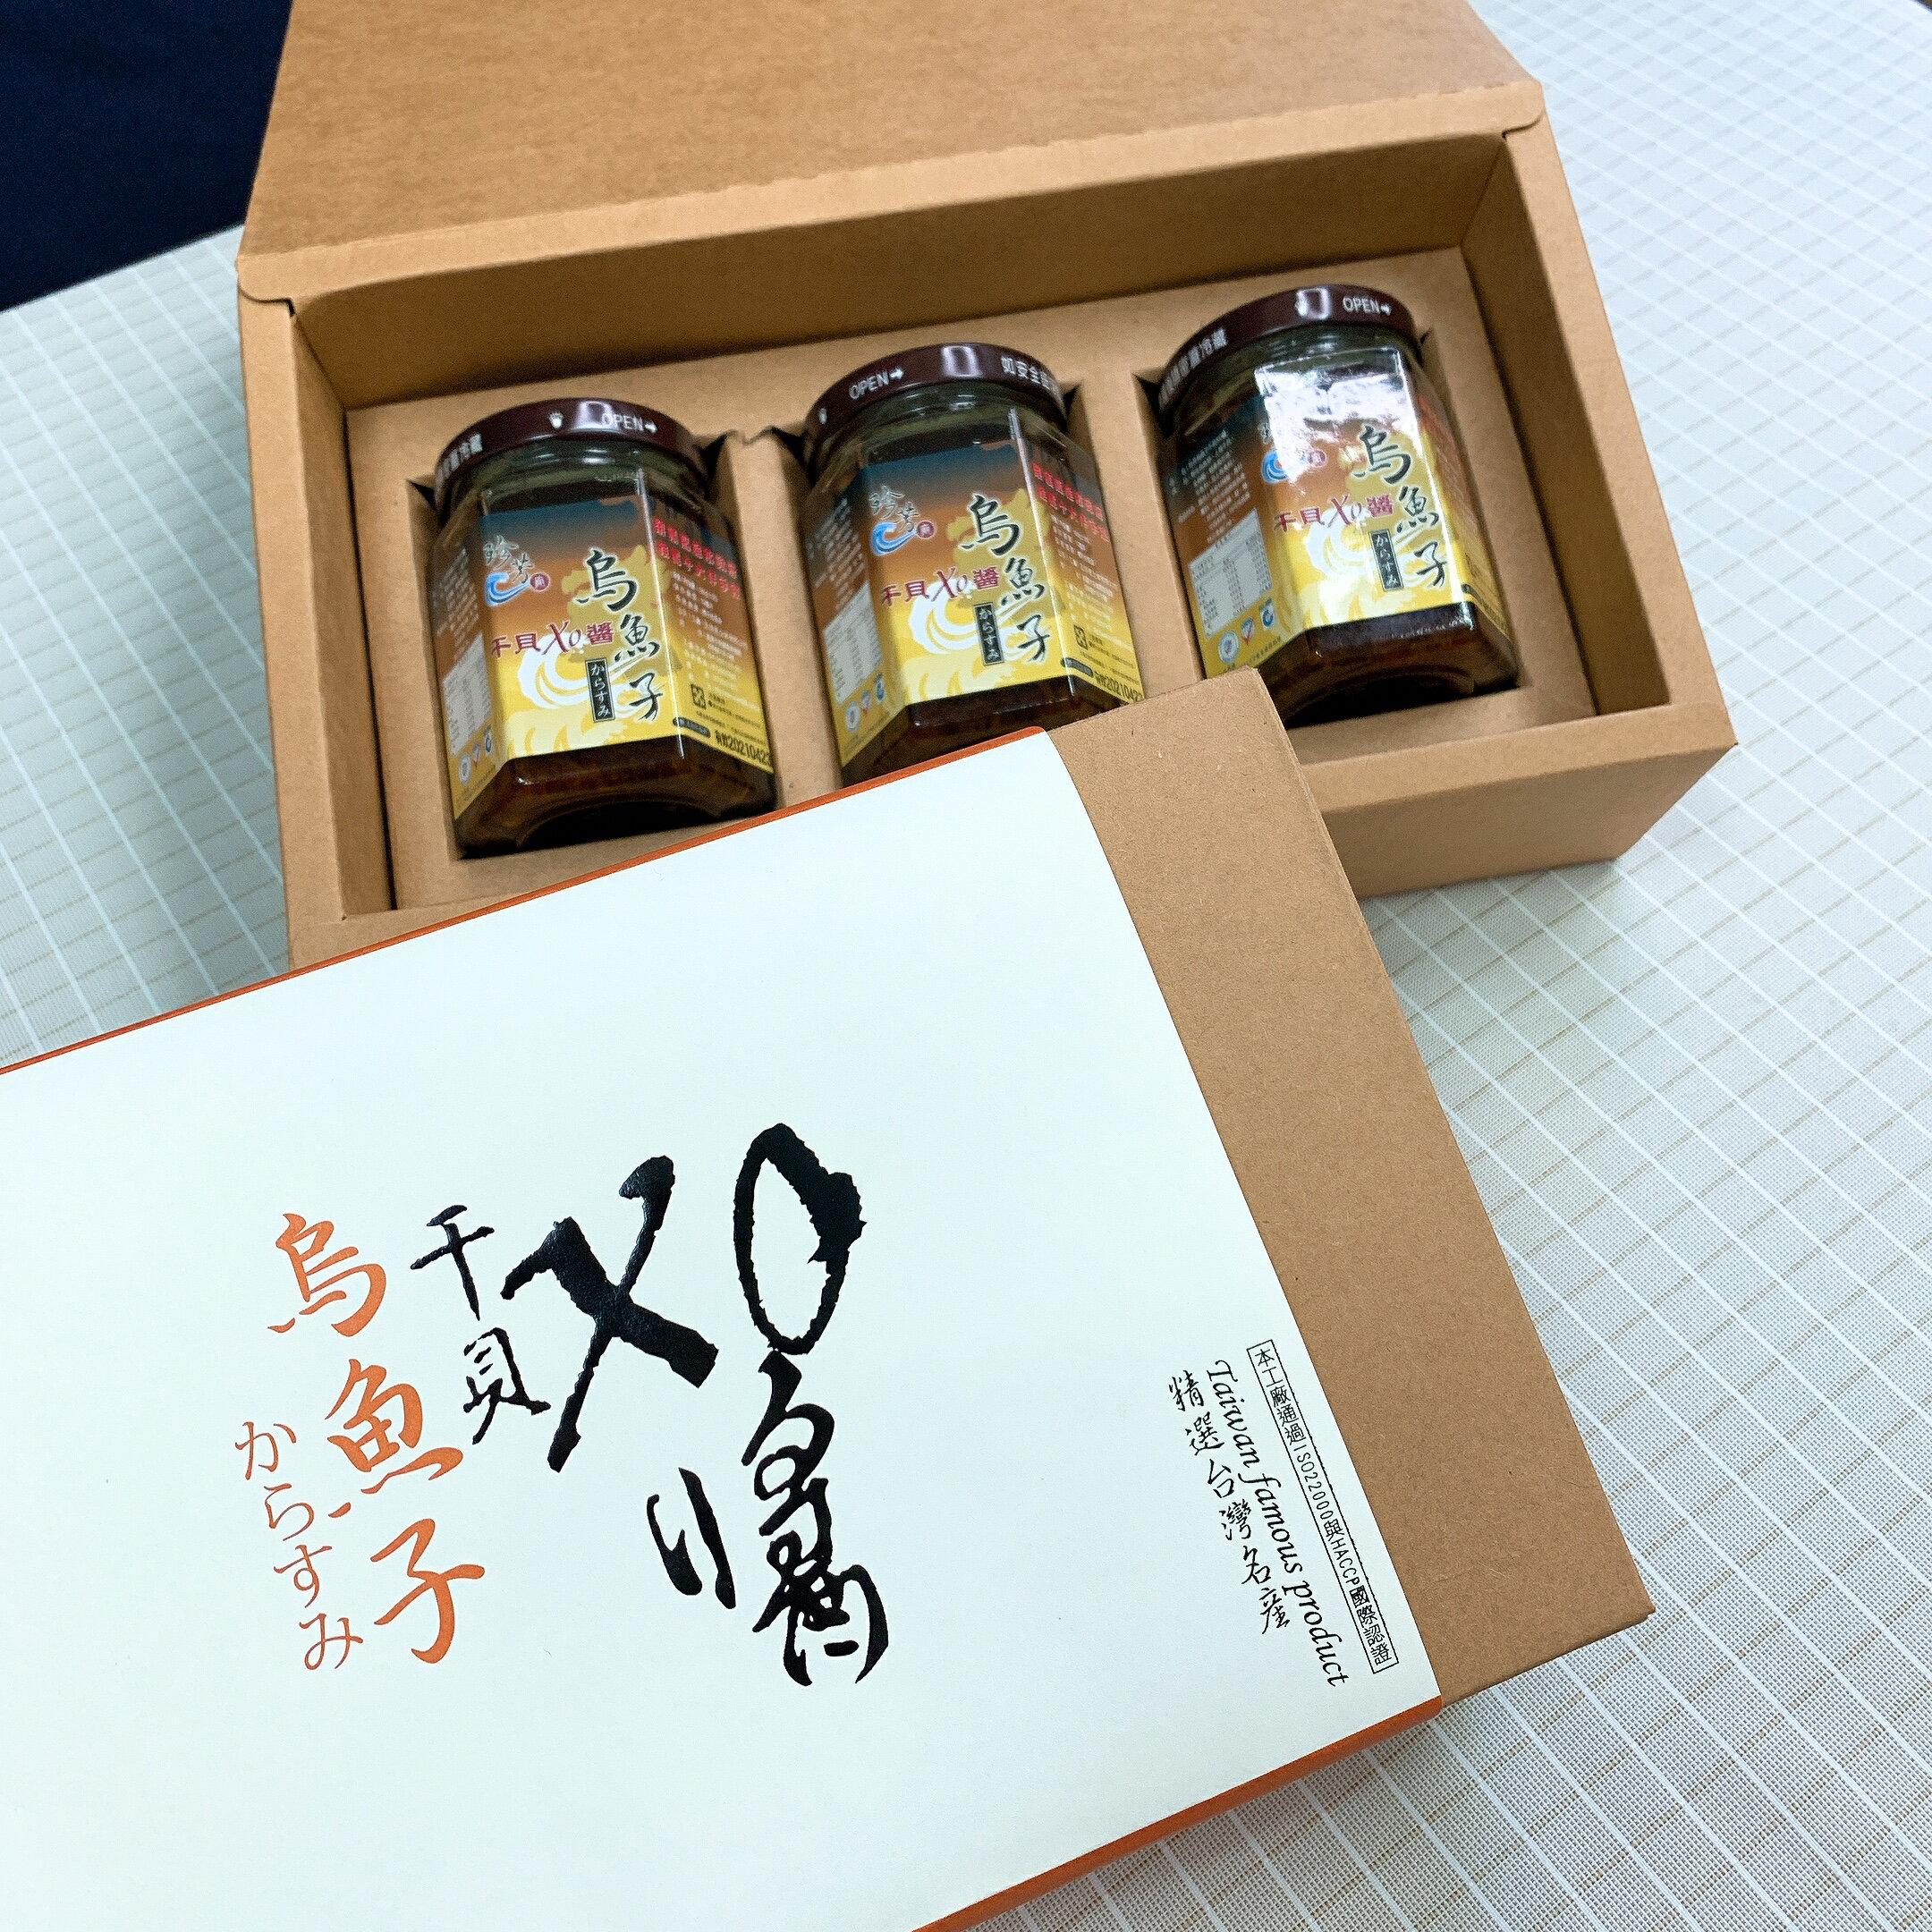 【端午送禮首選】珍芳烏魚子干貝XO醬三瓶裝禮盒 微辣|搭配肉粽的好夥伴 1